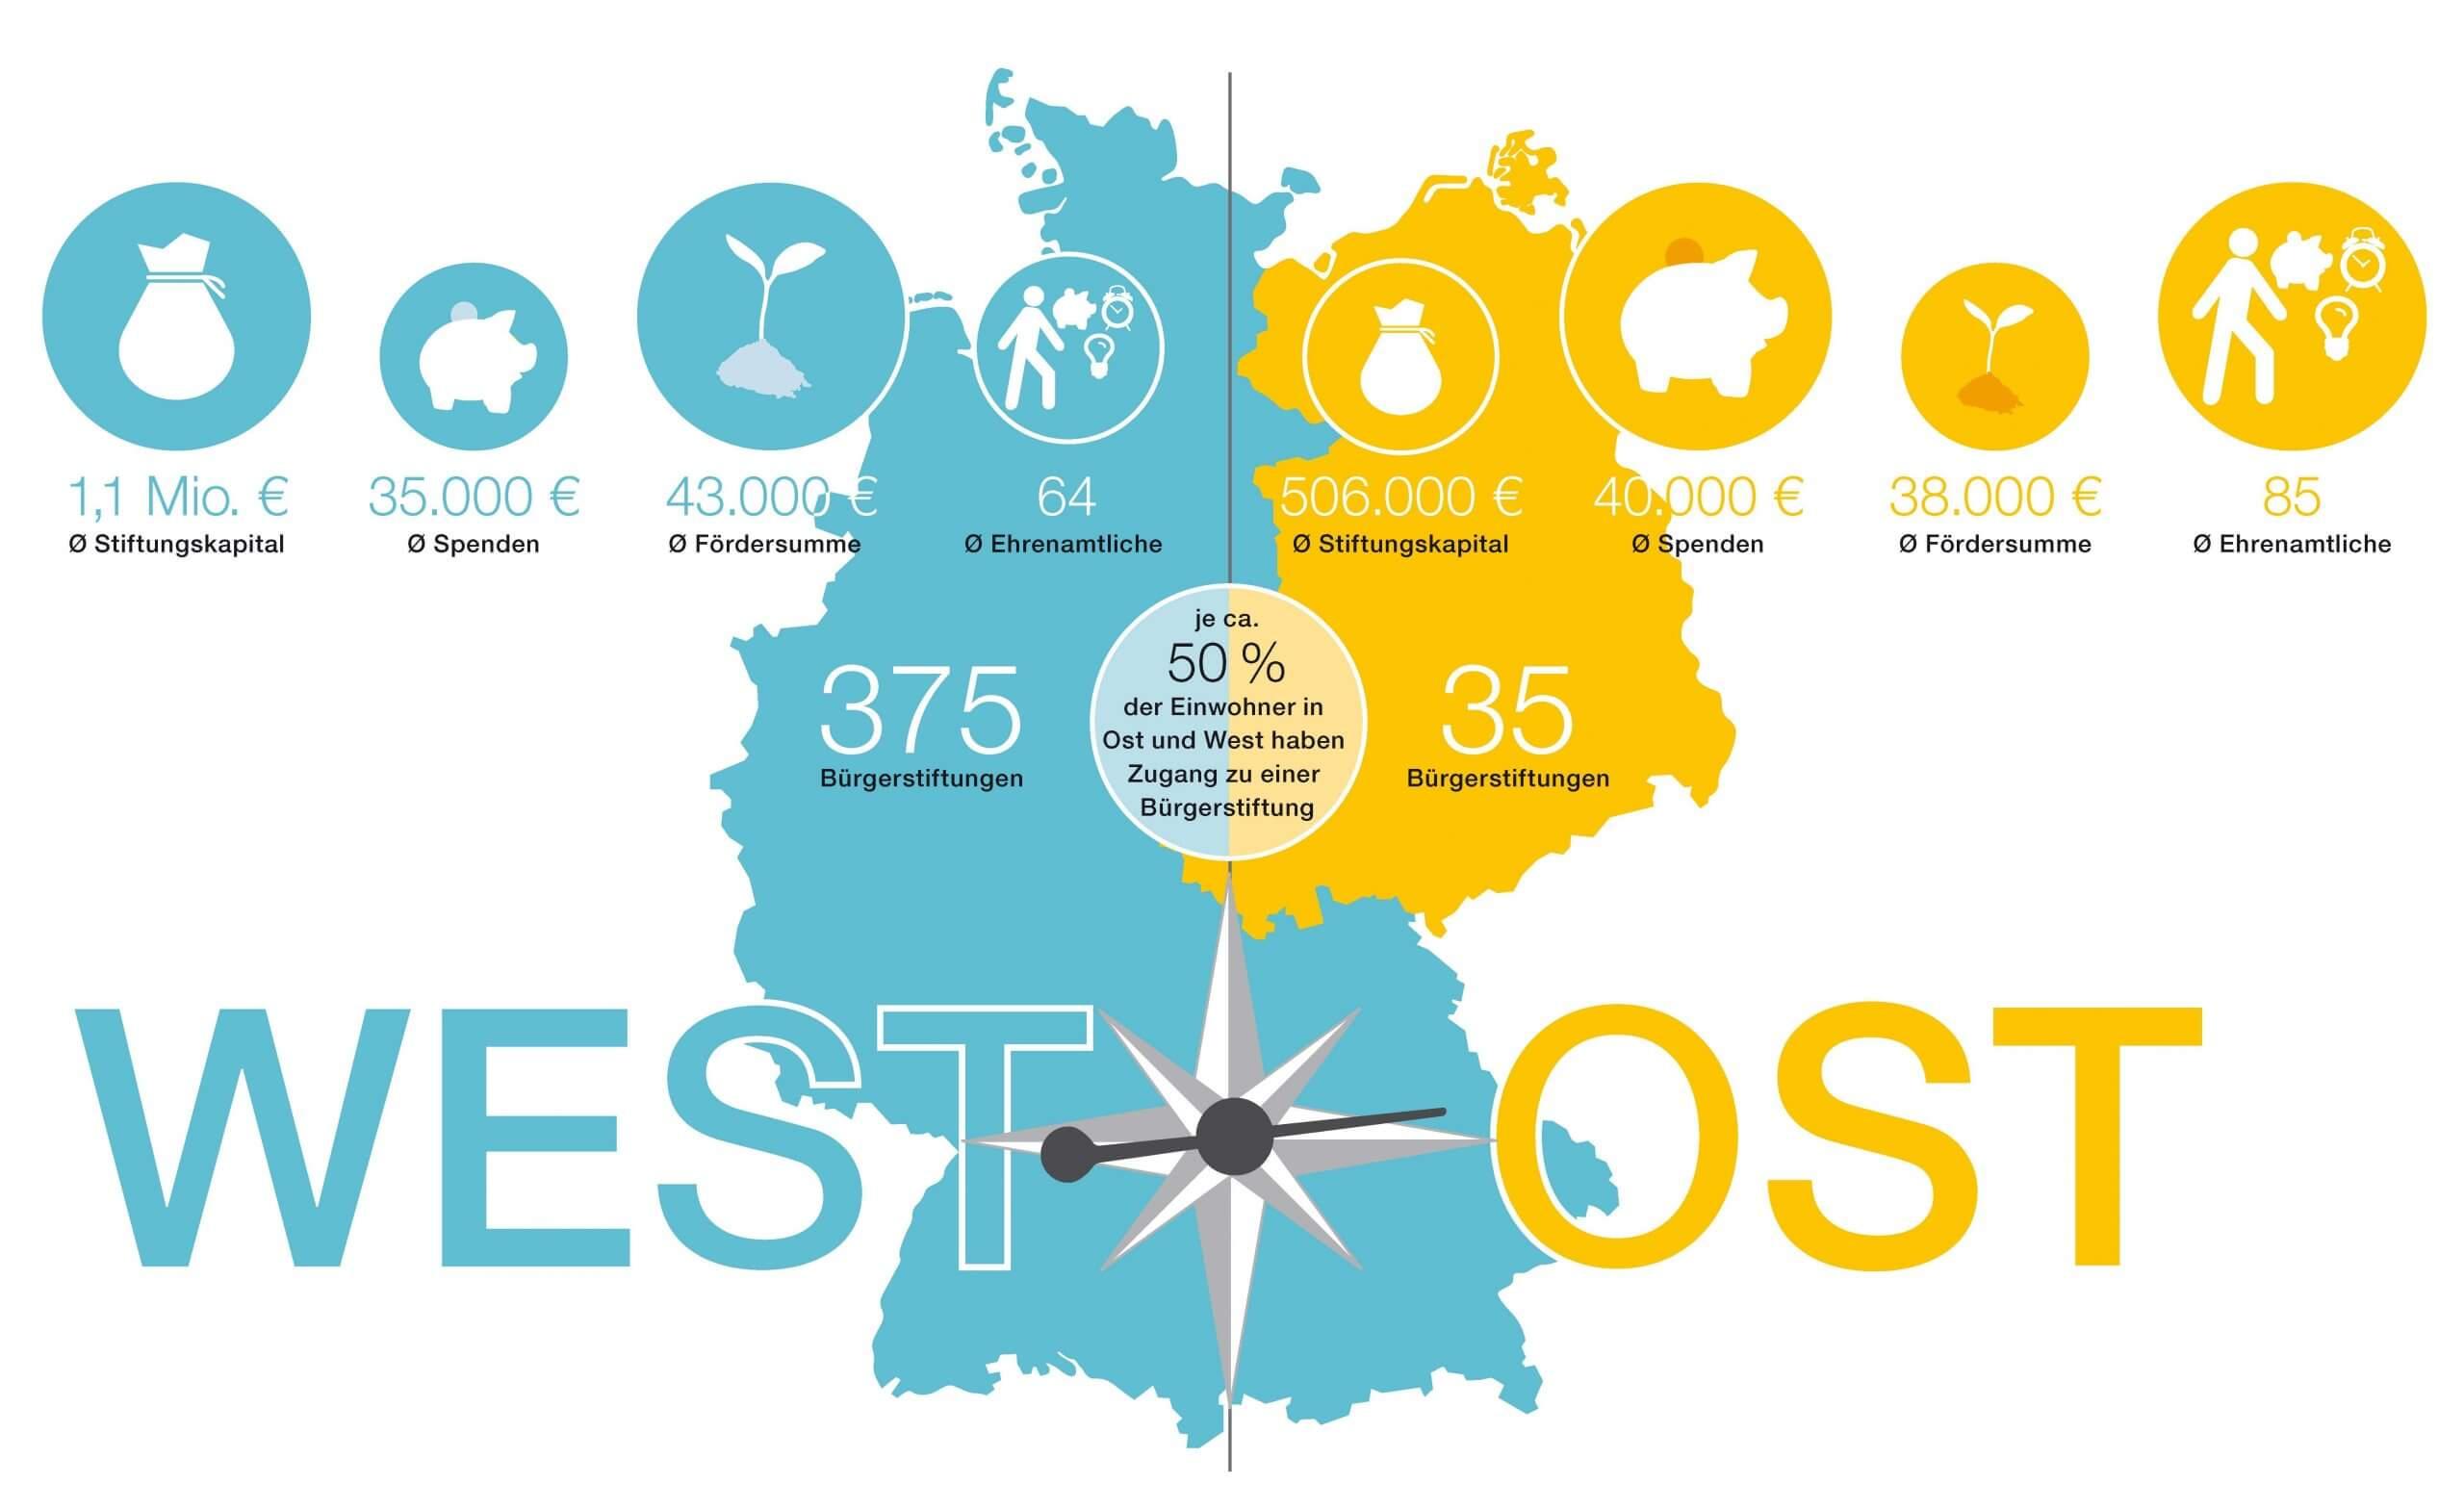 Karte Ost West Report Bürgerstiftungen 2019